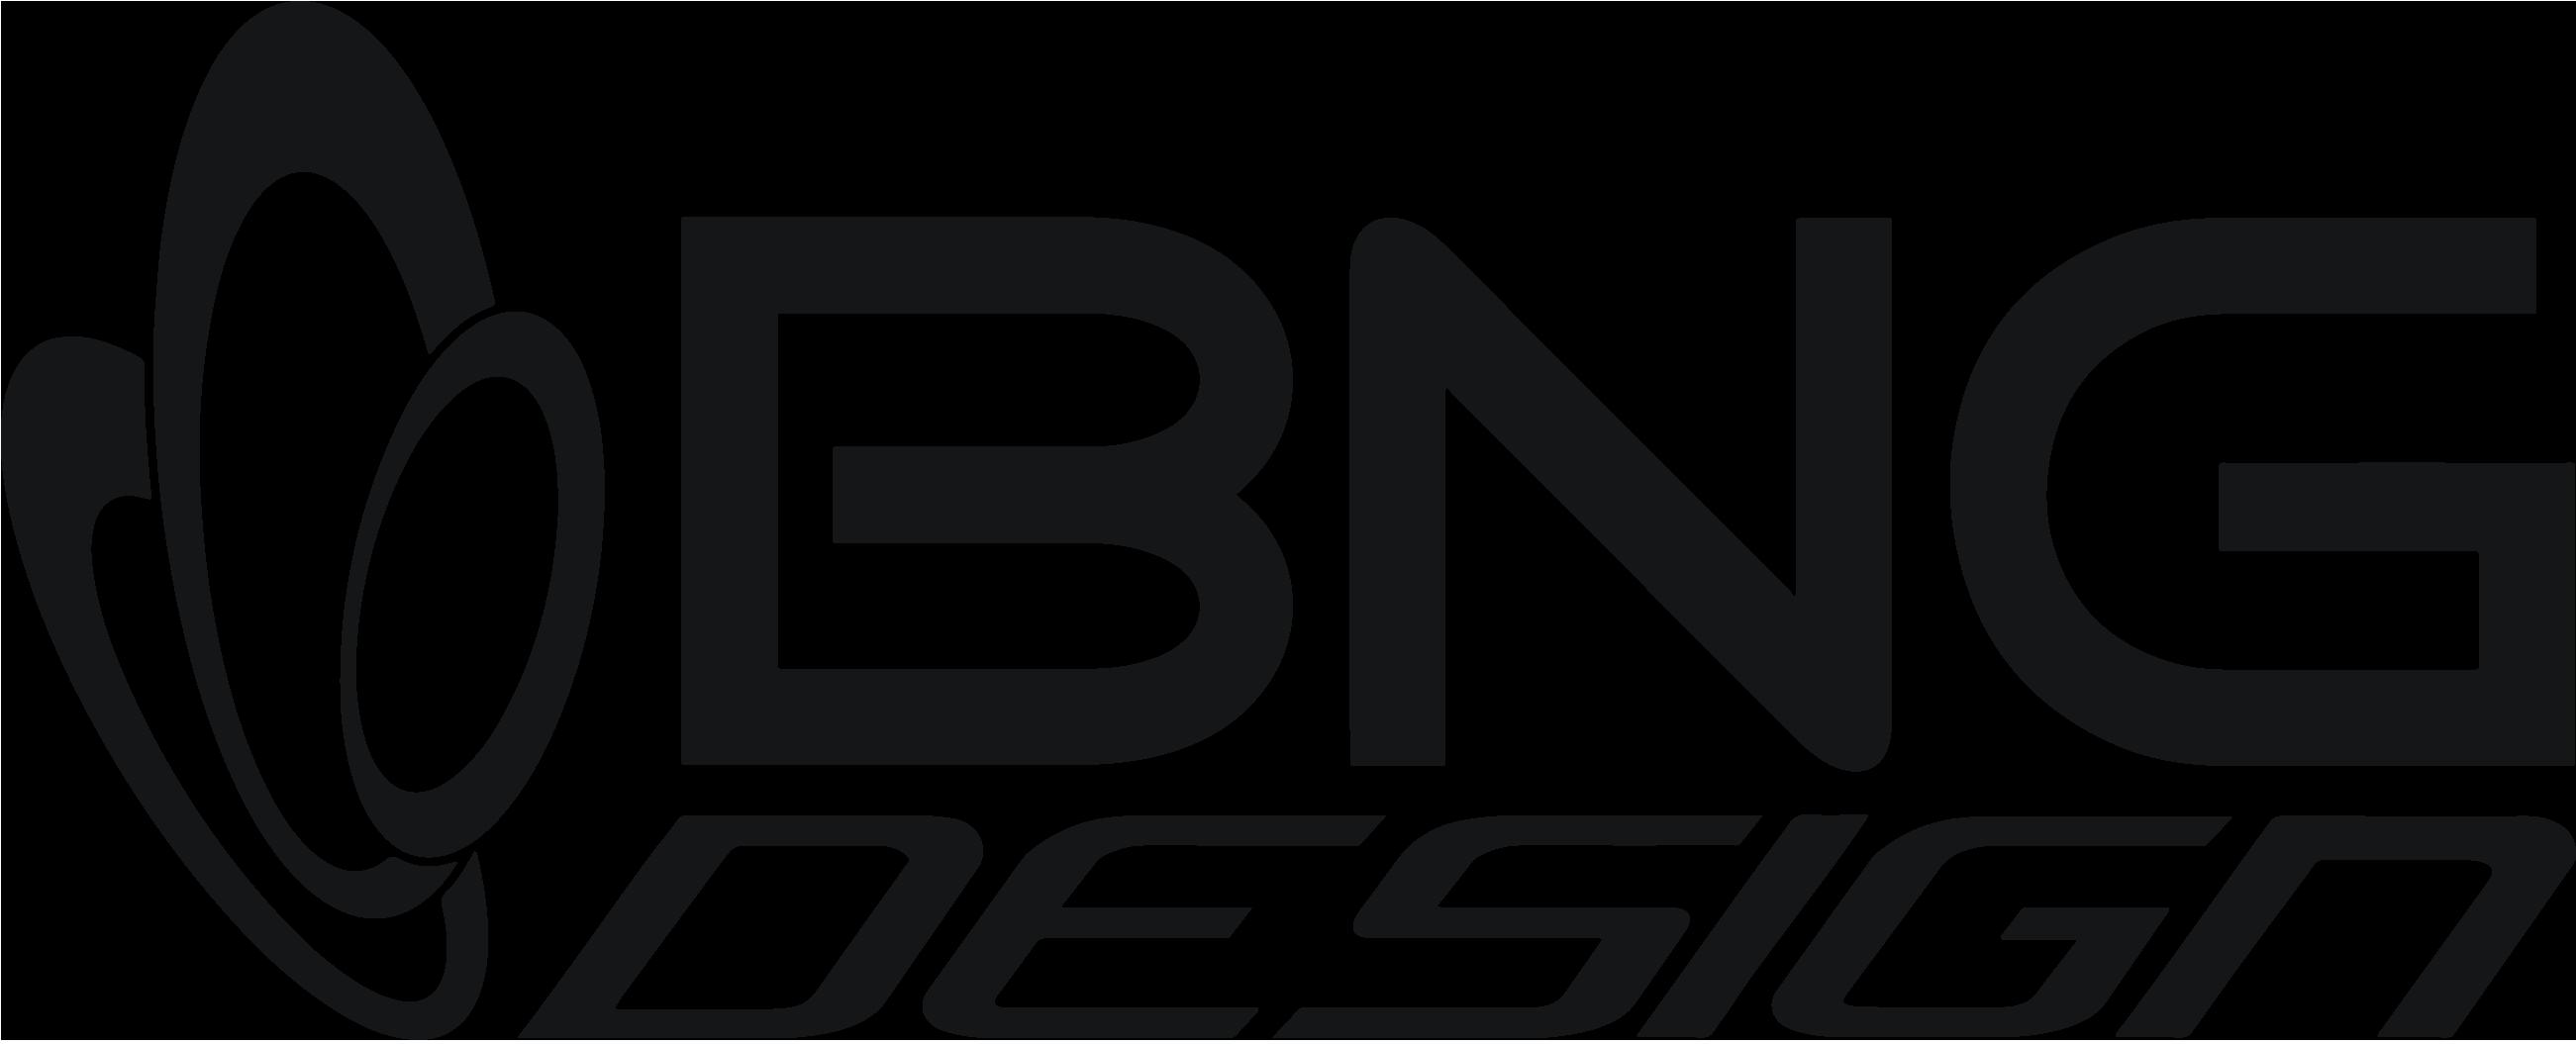 BNG Design | Fargo, ND